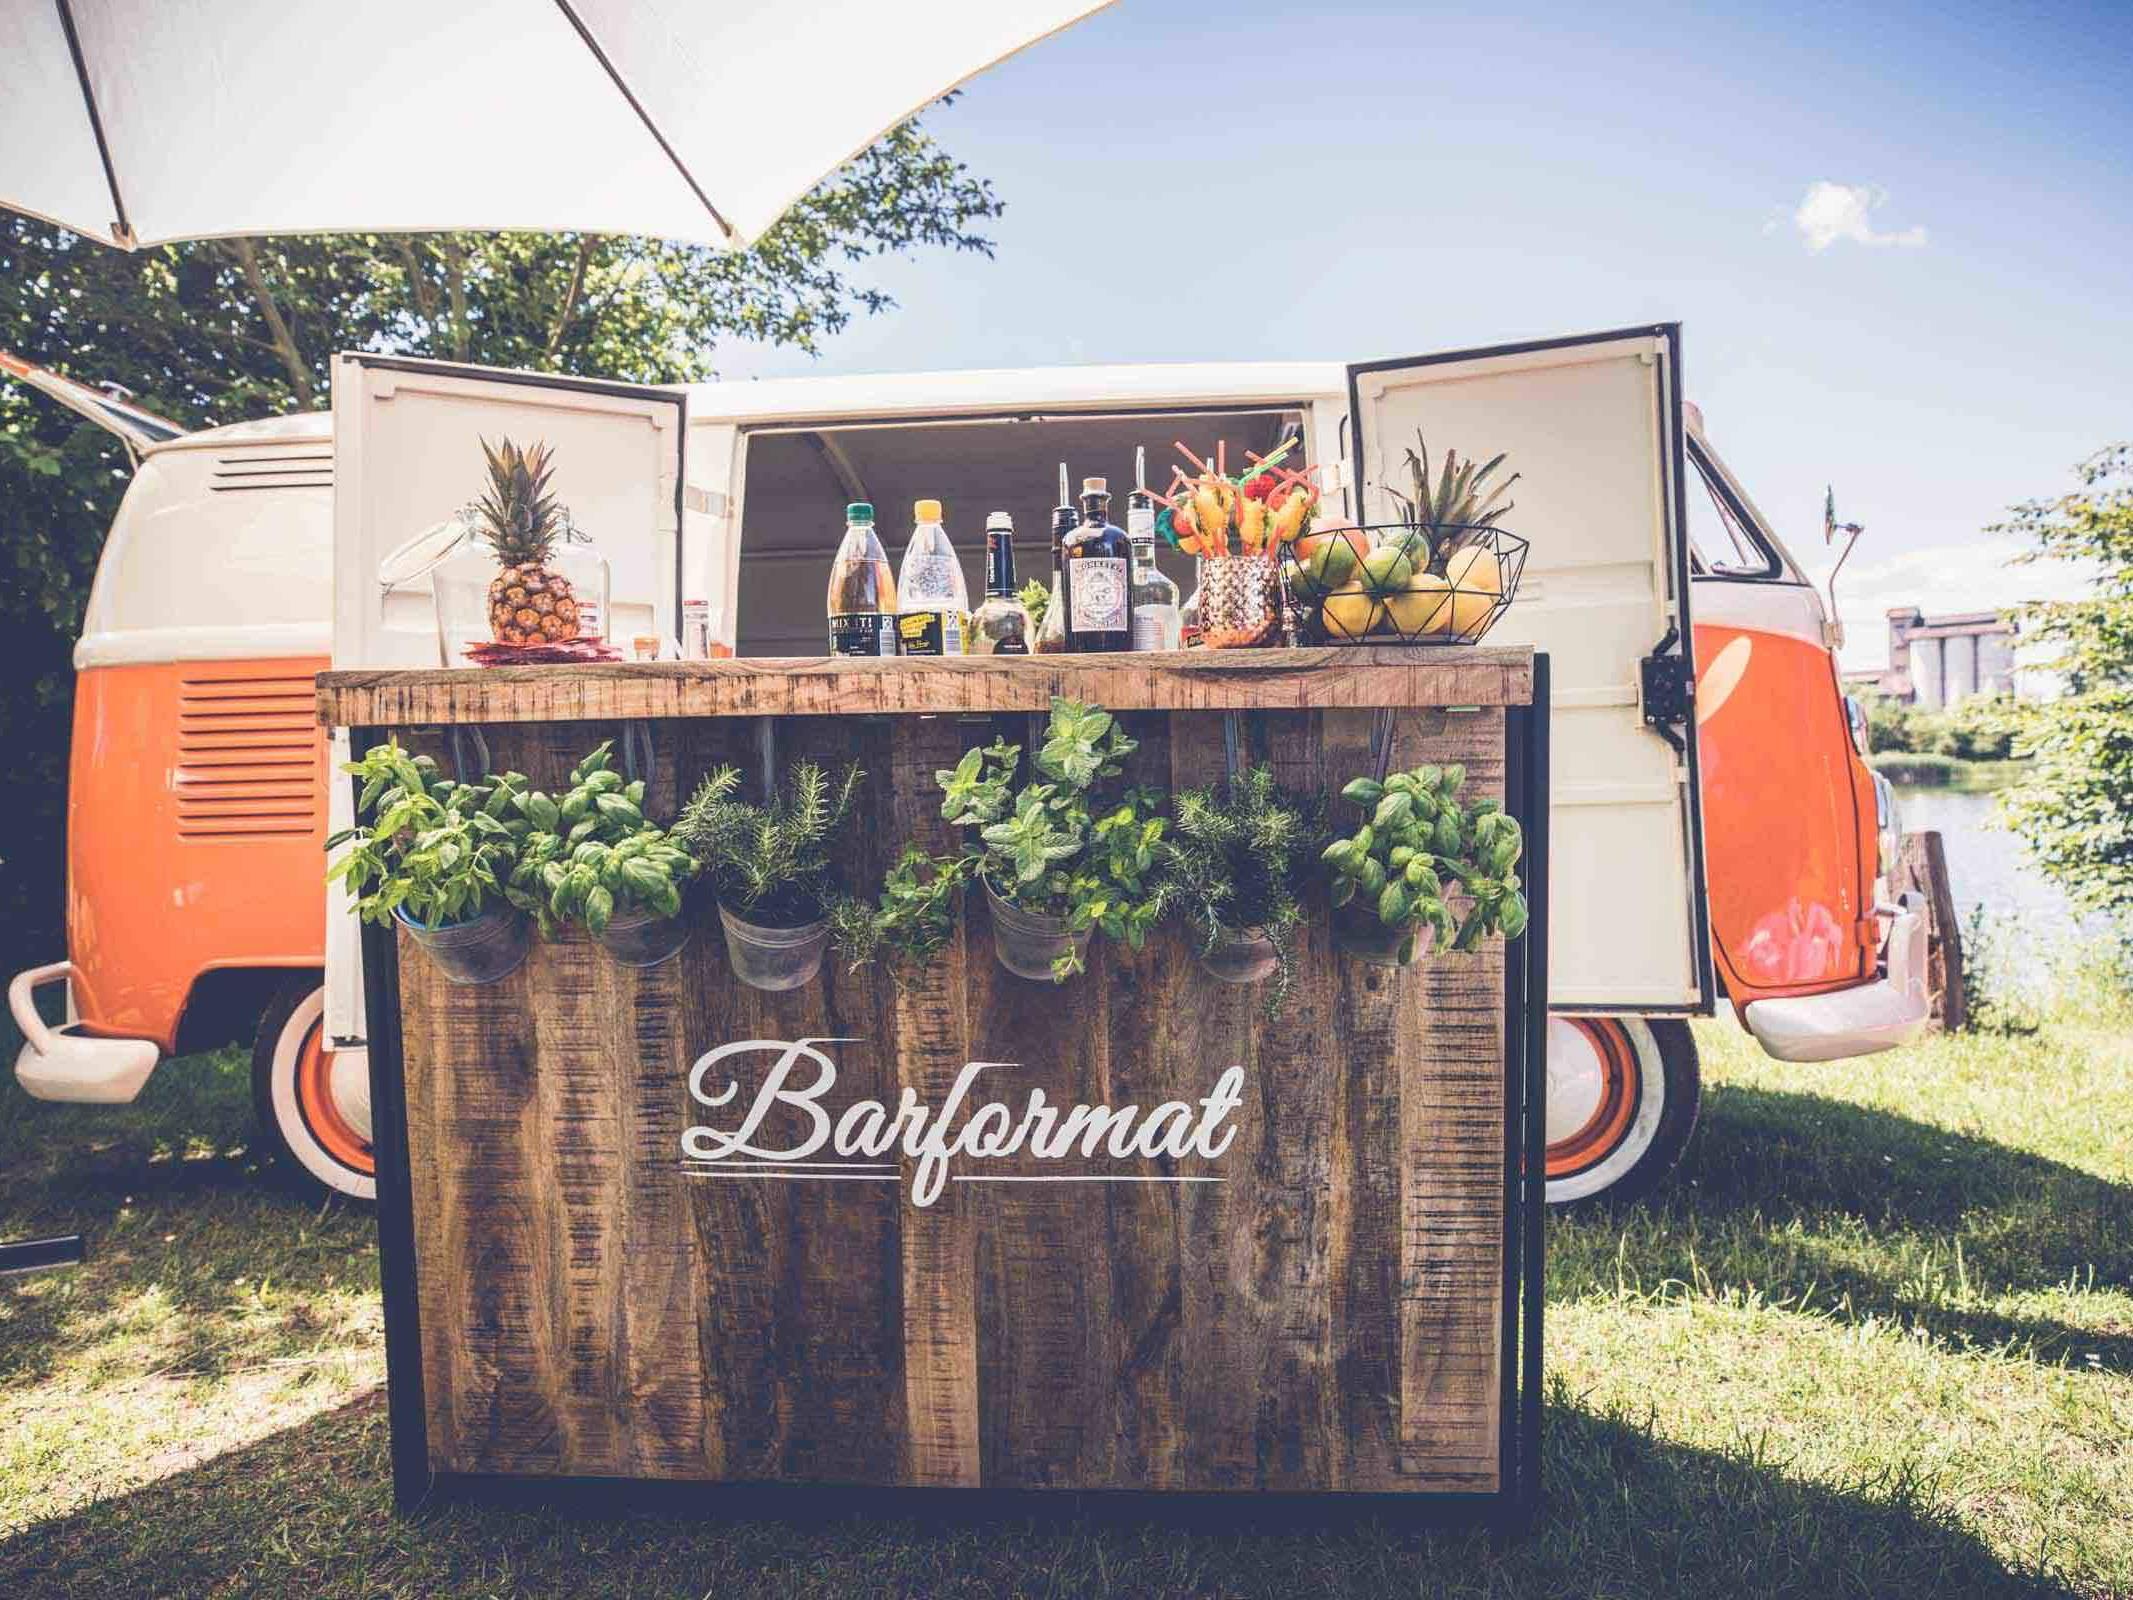 Mobile | Cocktailbar | Hamburg | Cocktailservice | Hochzeit | Sektempfang | Barkeeper | Buchen | Mieten | Geburtstag | Ape | VW | Bar | Getränke | Catering | Foodtruck | Weinbar | Ginbar | Sektbar | Kaffeebar